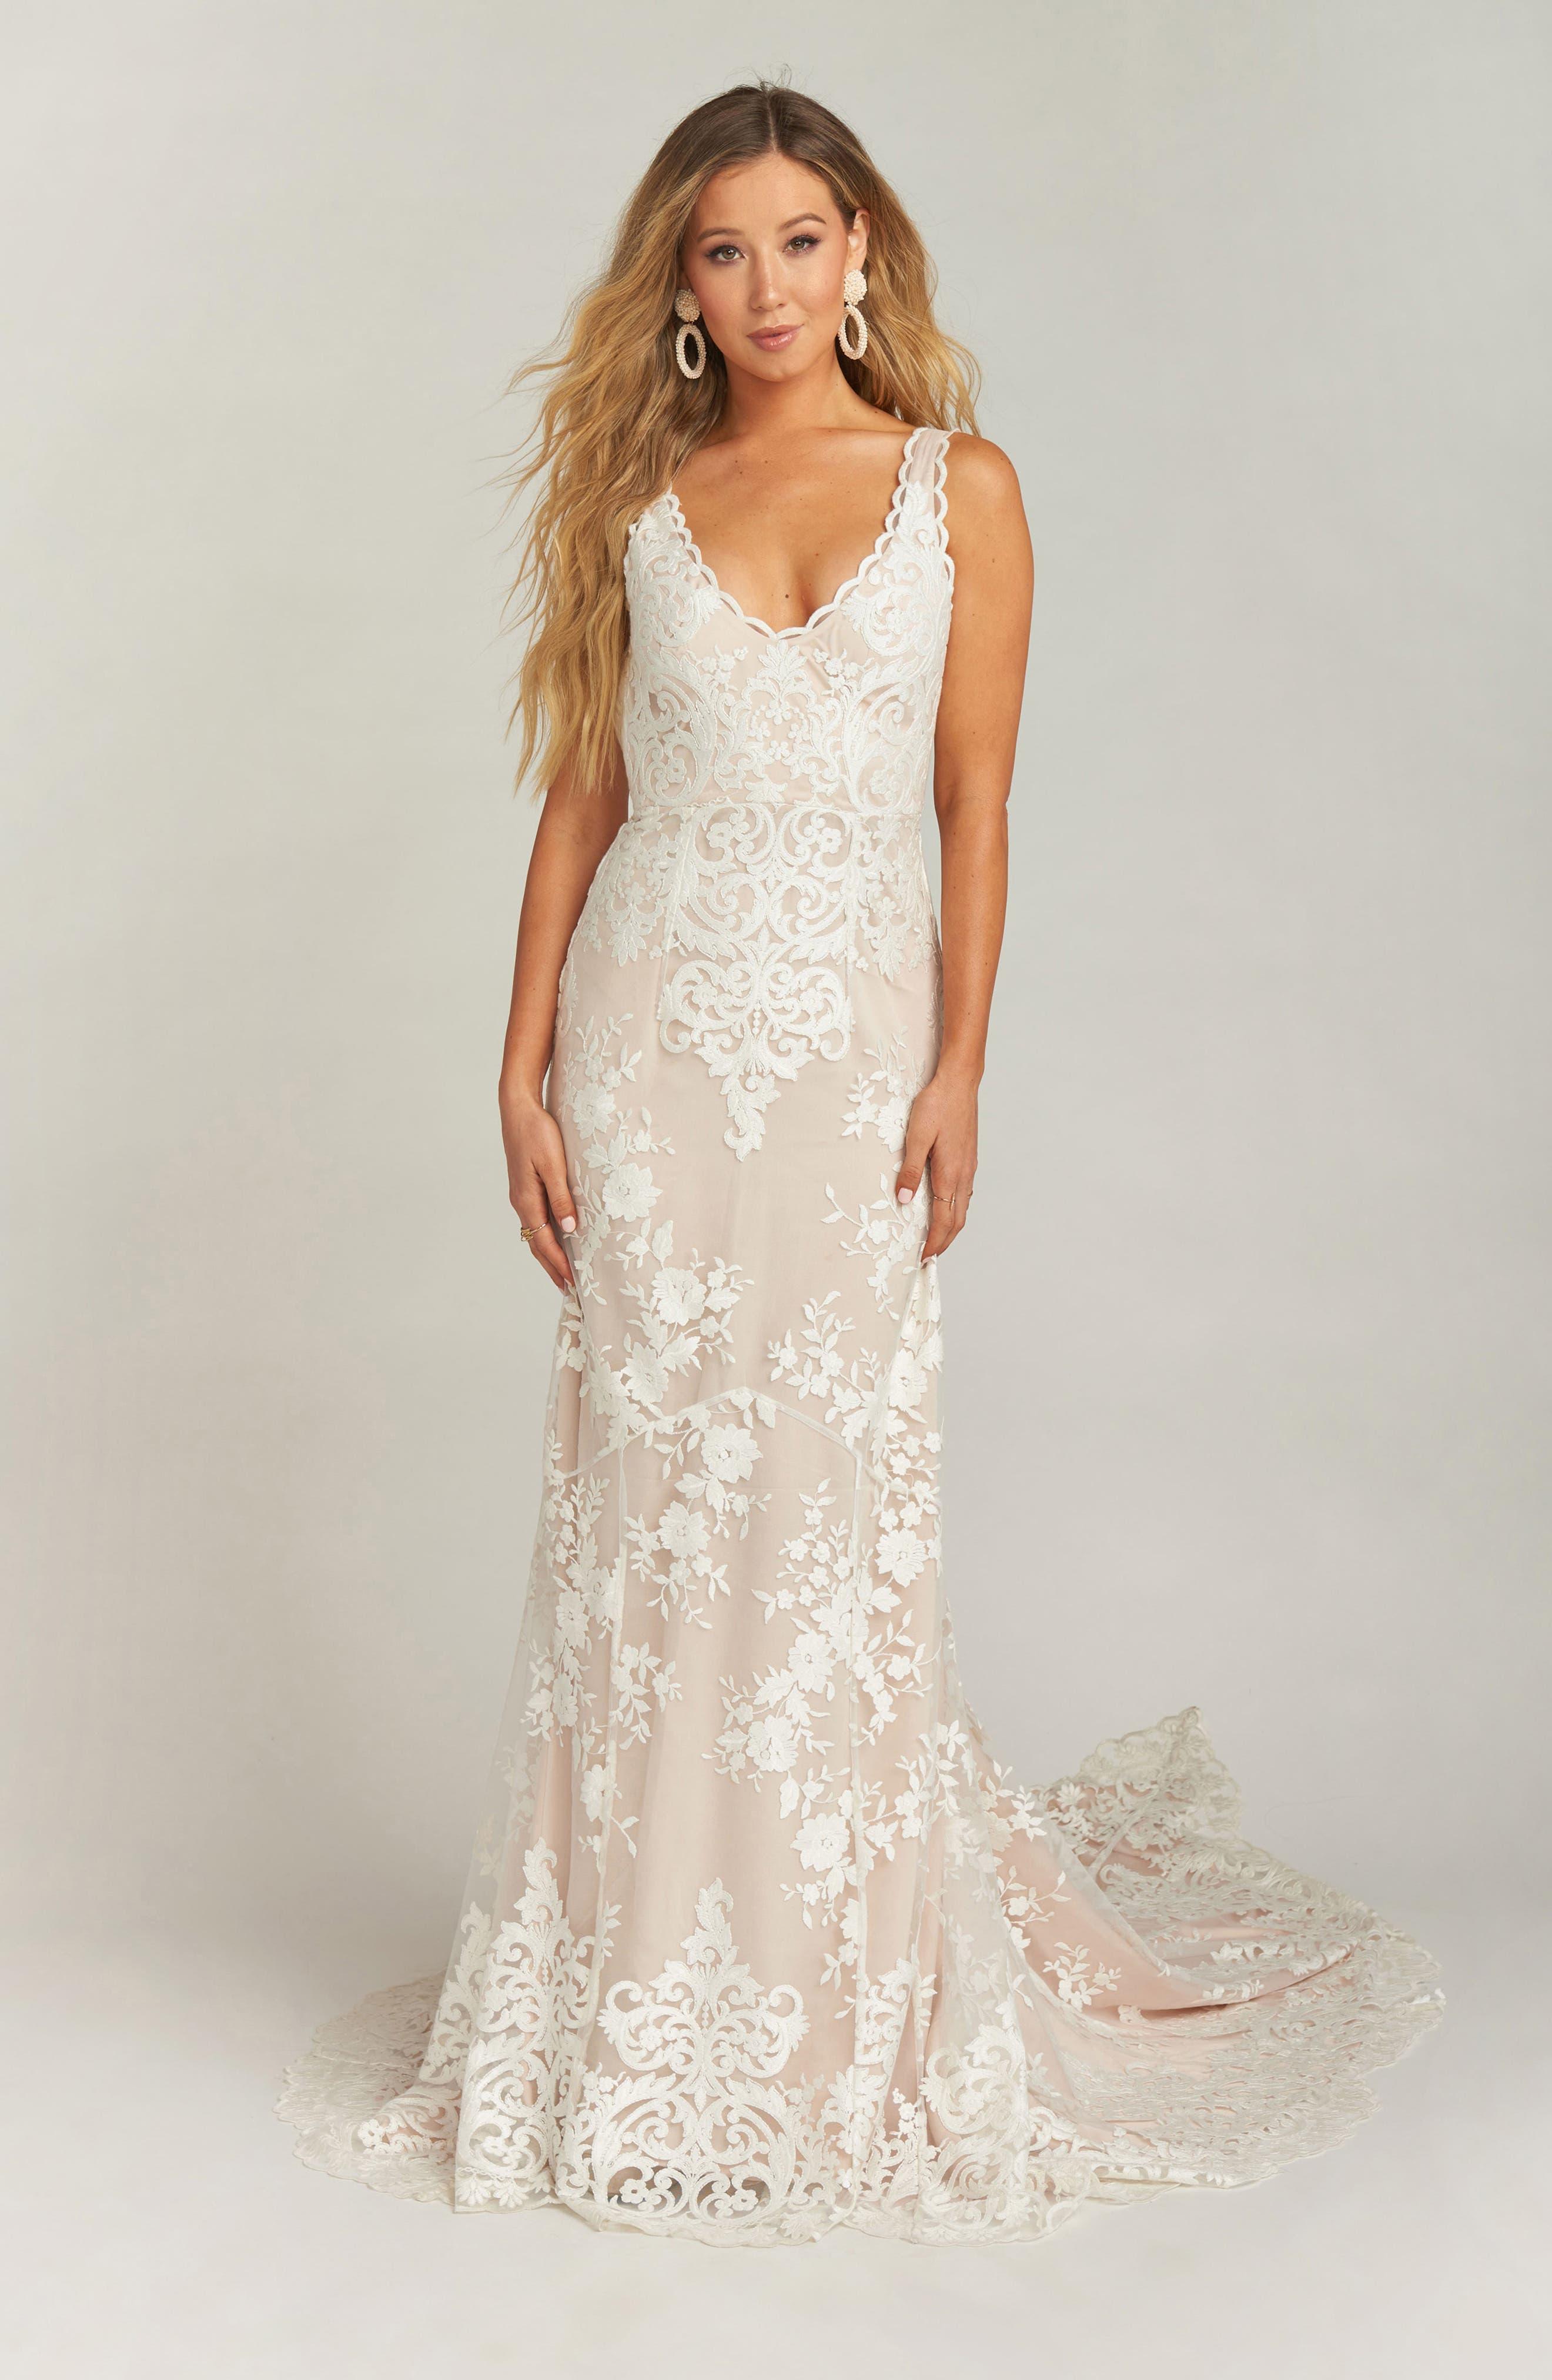 60s Wedding Dresses | 70s Wedding Dresses Womens Show Me Your Mumu Contessa V-Neck Lace Wedding Dress $1,195.00 AT vintagedancer.com